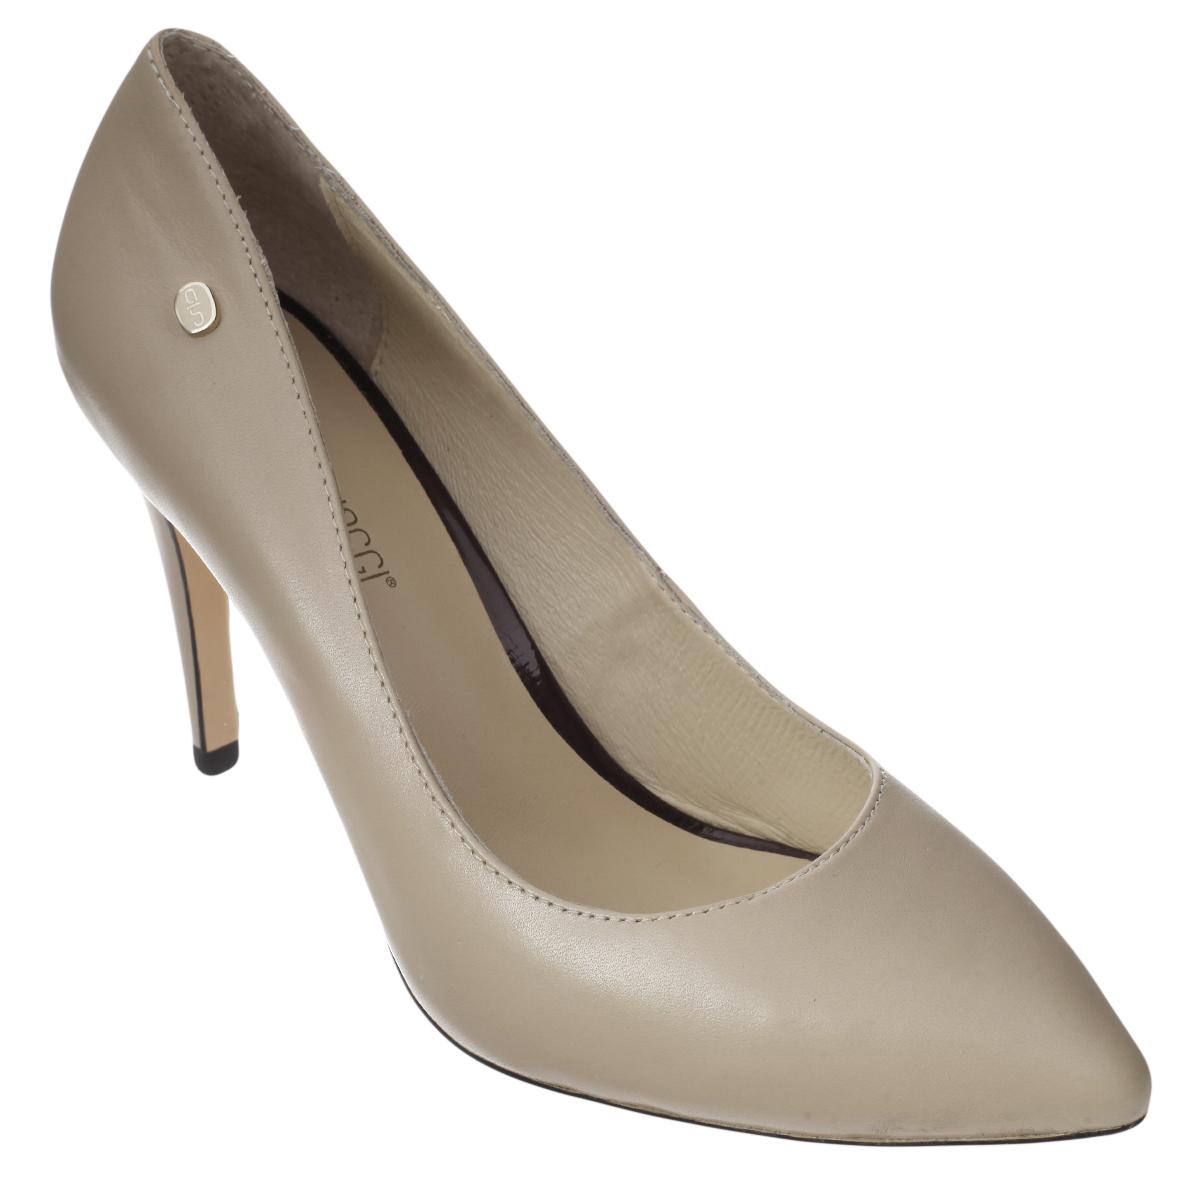 Туфли женские. 5272152721Модные женские туфли от Antonio Biaggi заинтересуют вас своим дизайном. Модель выполнена из высококачественной натуральной кожи и оформлена небольшой металлической пластиной с логотипом бренда. Зауженный носок смотрится стильно. Подкладка и стелька из натуральной кожи обеспечивают комфорт при движении. Подошва дополнена противоскользящим рифлением. Роскошные туфли помогут вам создать элегантный образ.